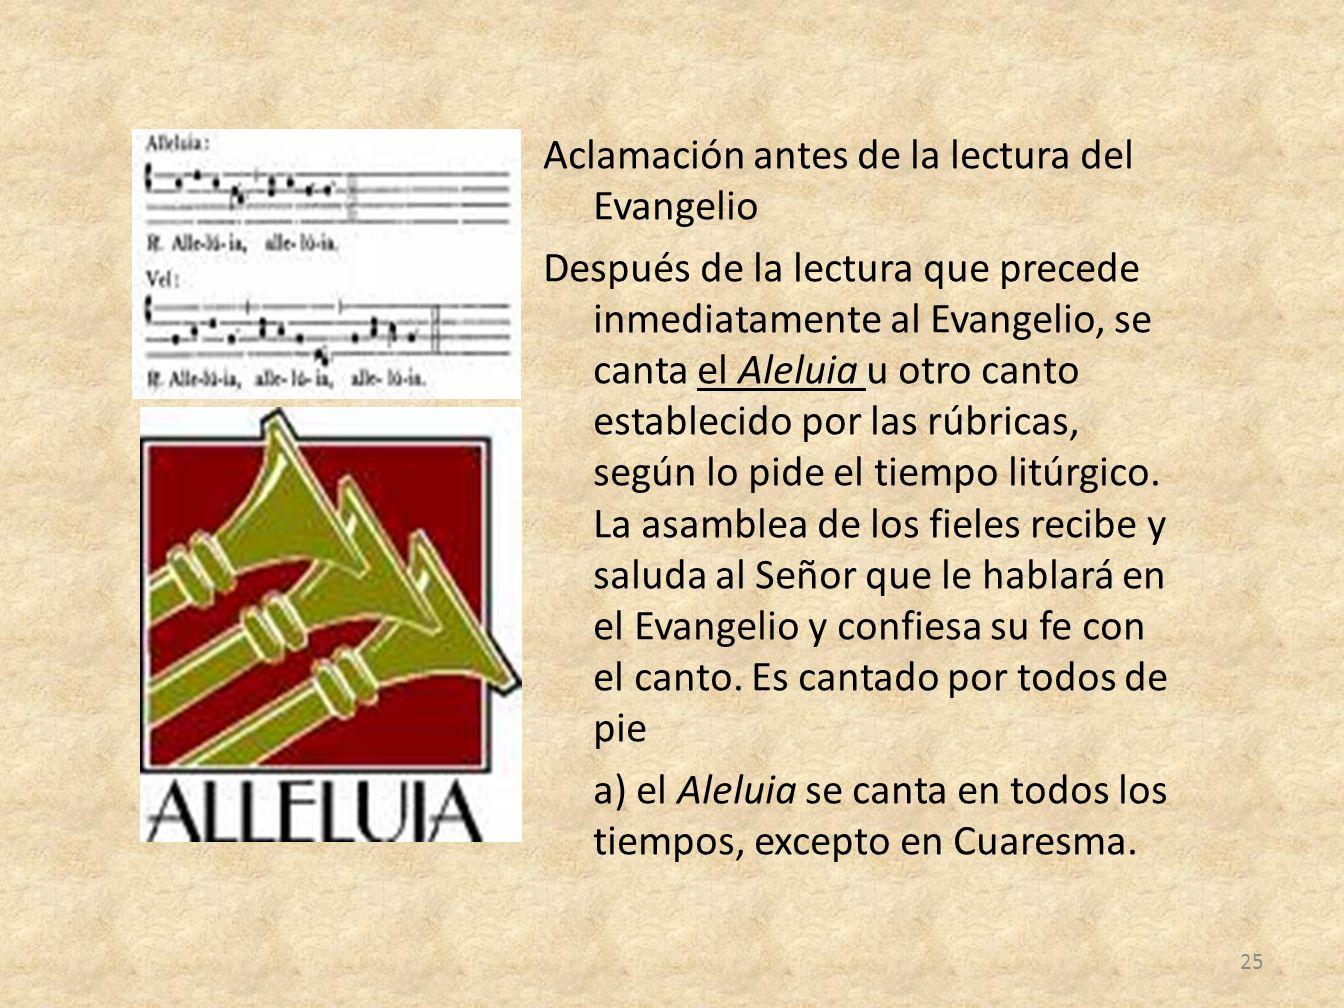 Aclamación antes de la lectura del Evangelio Después de la lectura que precede inmediatamente al Evangelio, se canta el Aleluia u otro canto establecido por las rúbricas, según lo pide el tiempo litúrgico.